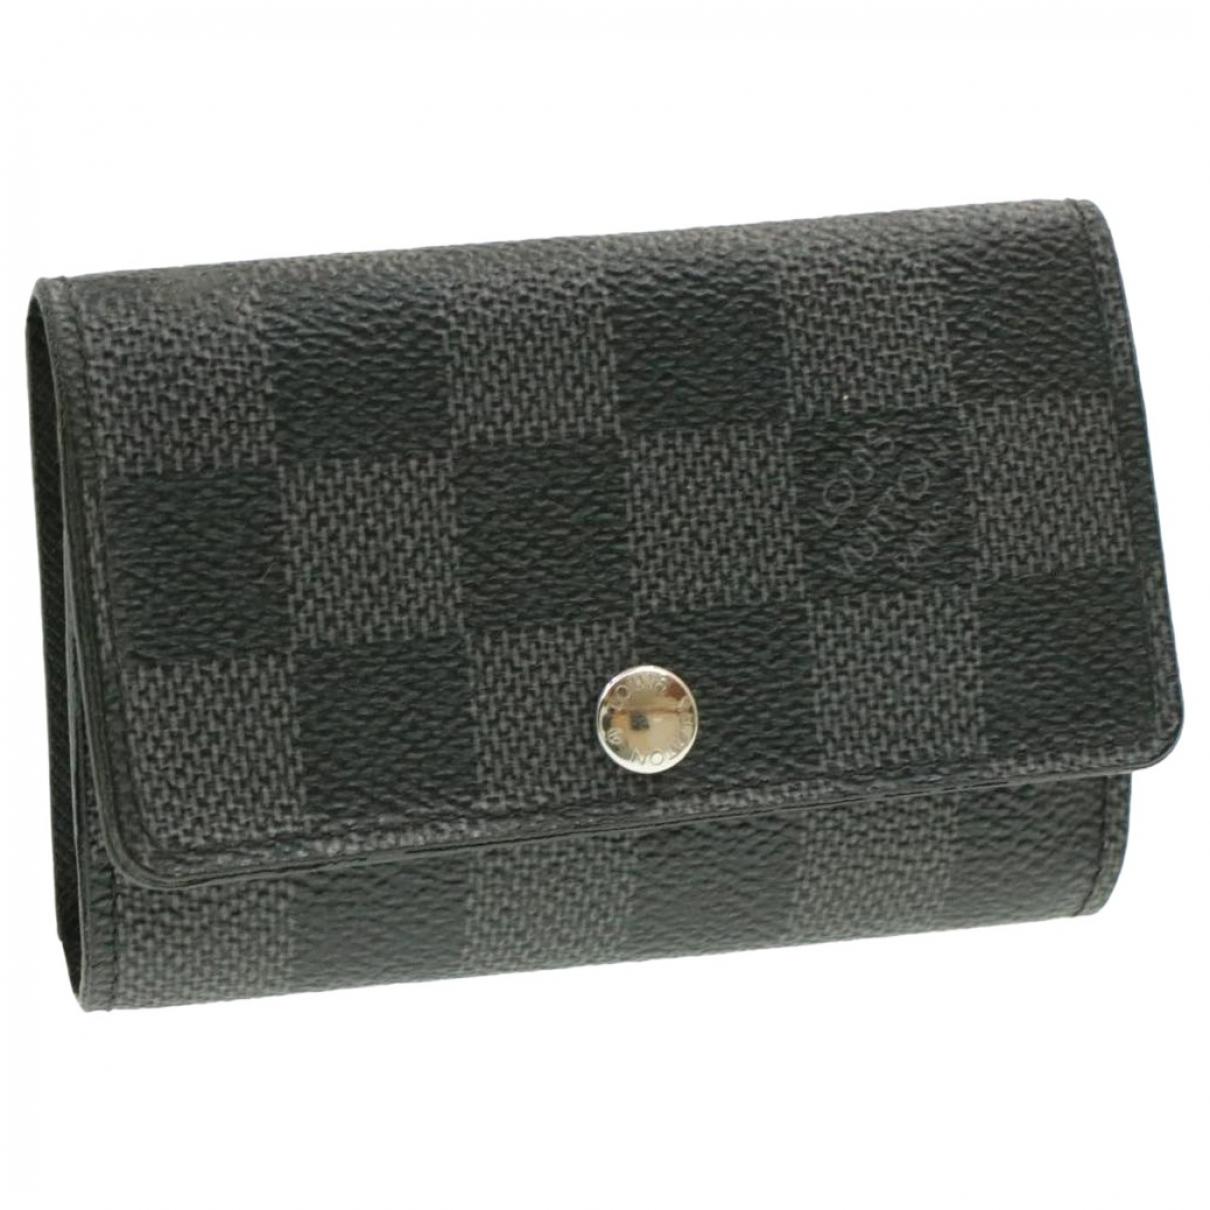 Louis Vuitton - Foulard   pour femme - noir